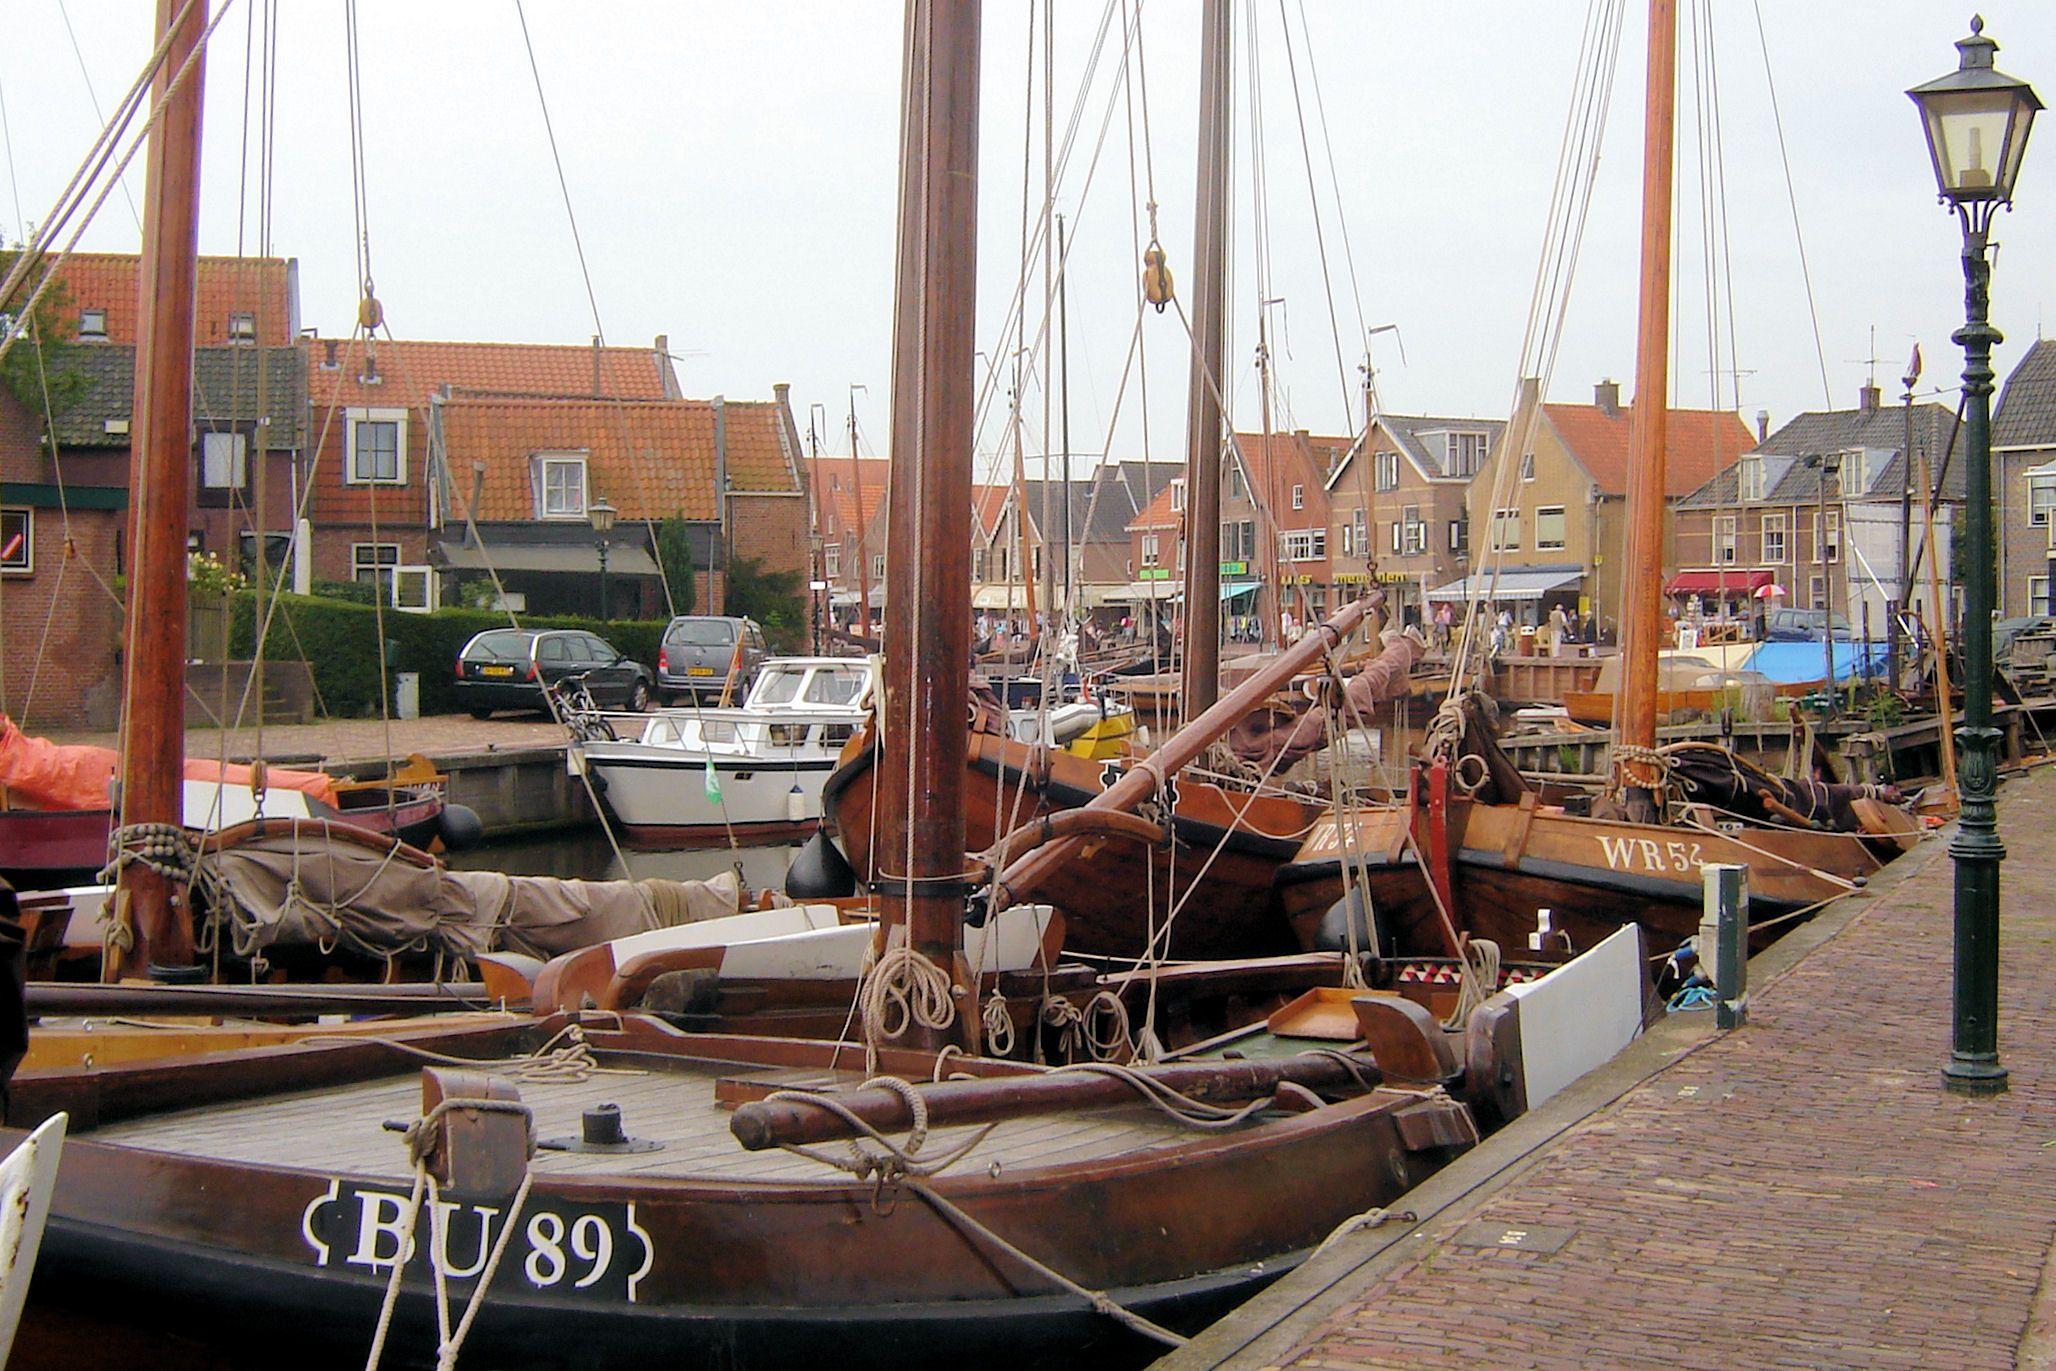 Voorbij het kantoor van de havenmeester heb je vanaf een bankje aan het water een prachtig uitzicht op het Eemmeer met de bruine zeilen van de botters.